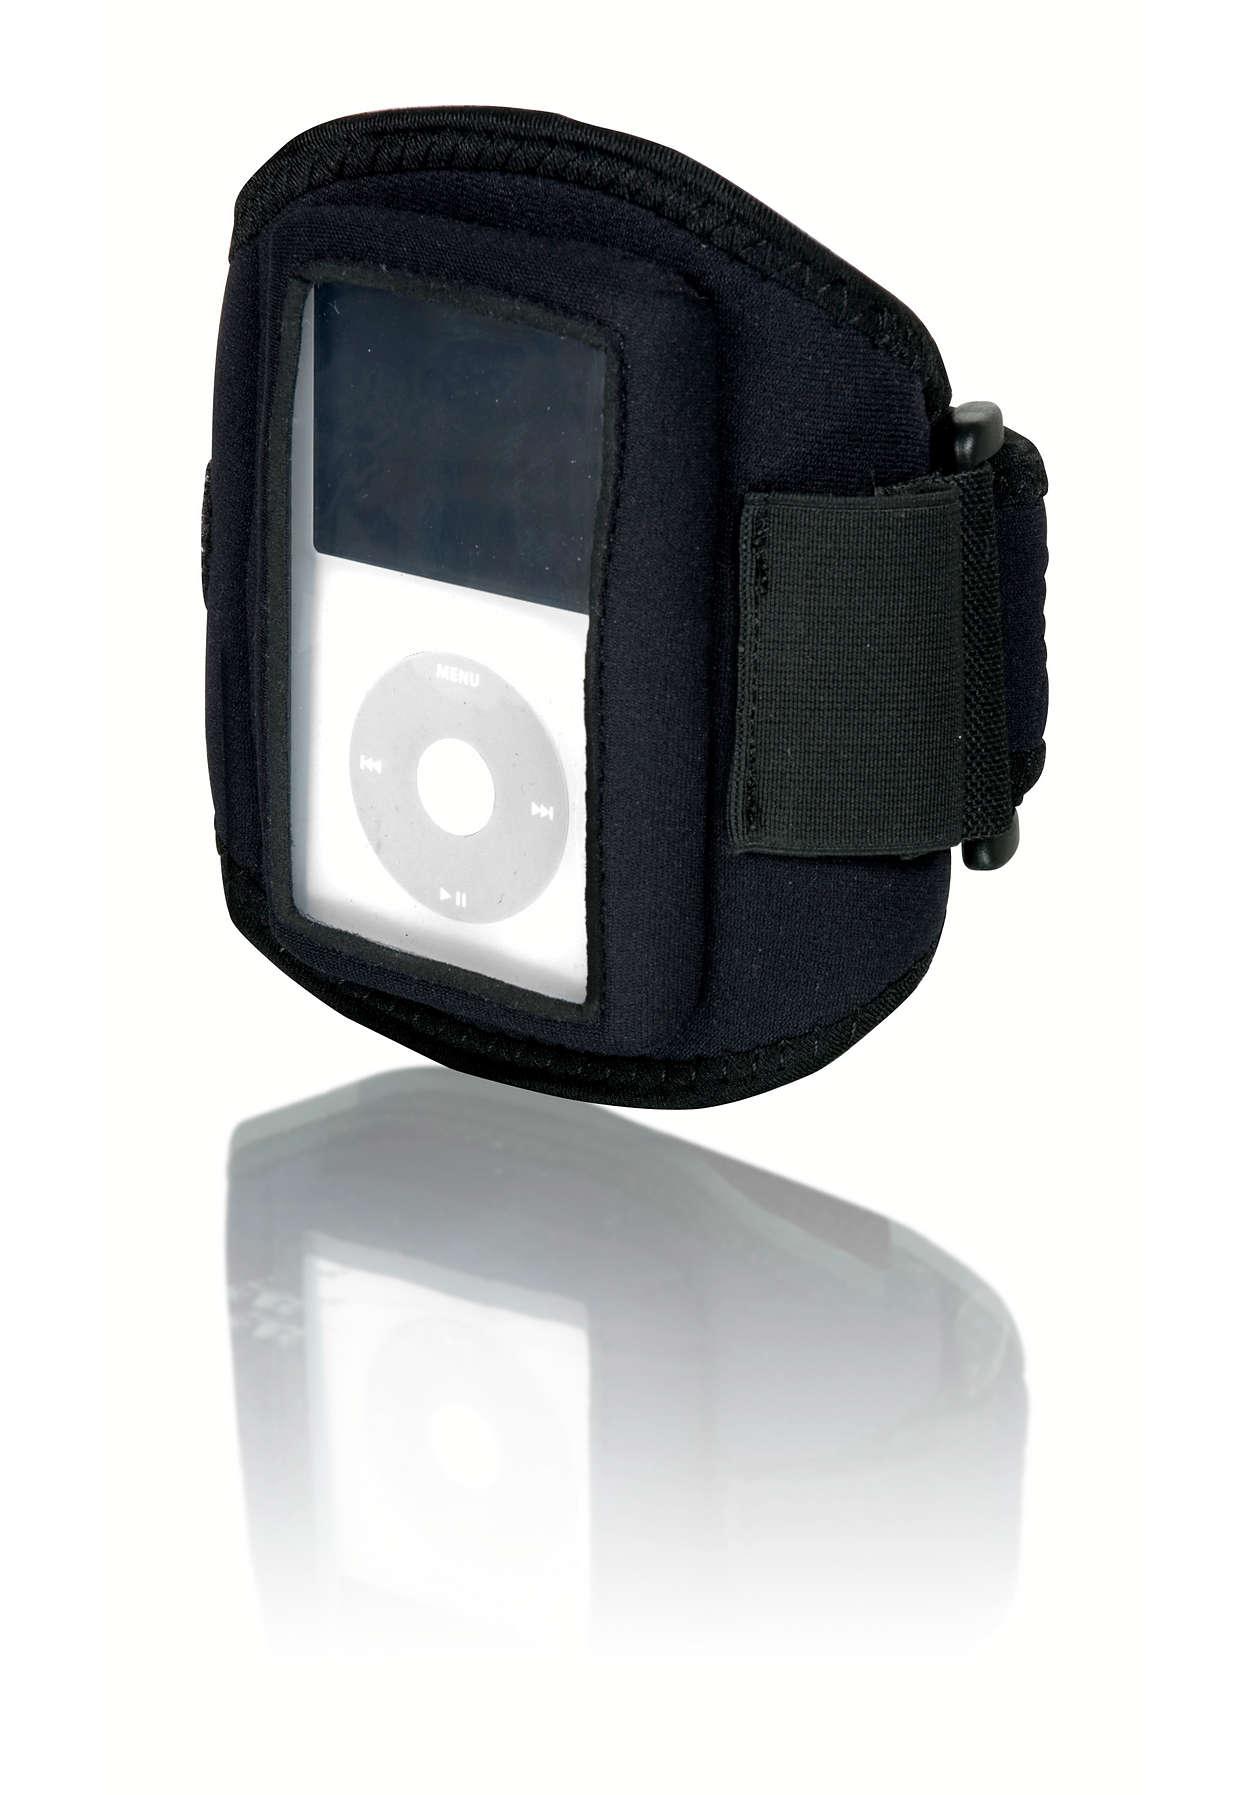 iPod Video cihazınız ile birlikte çalışın